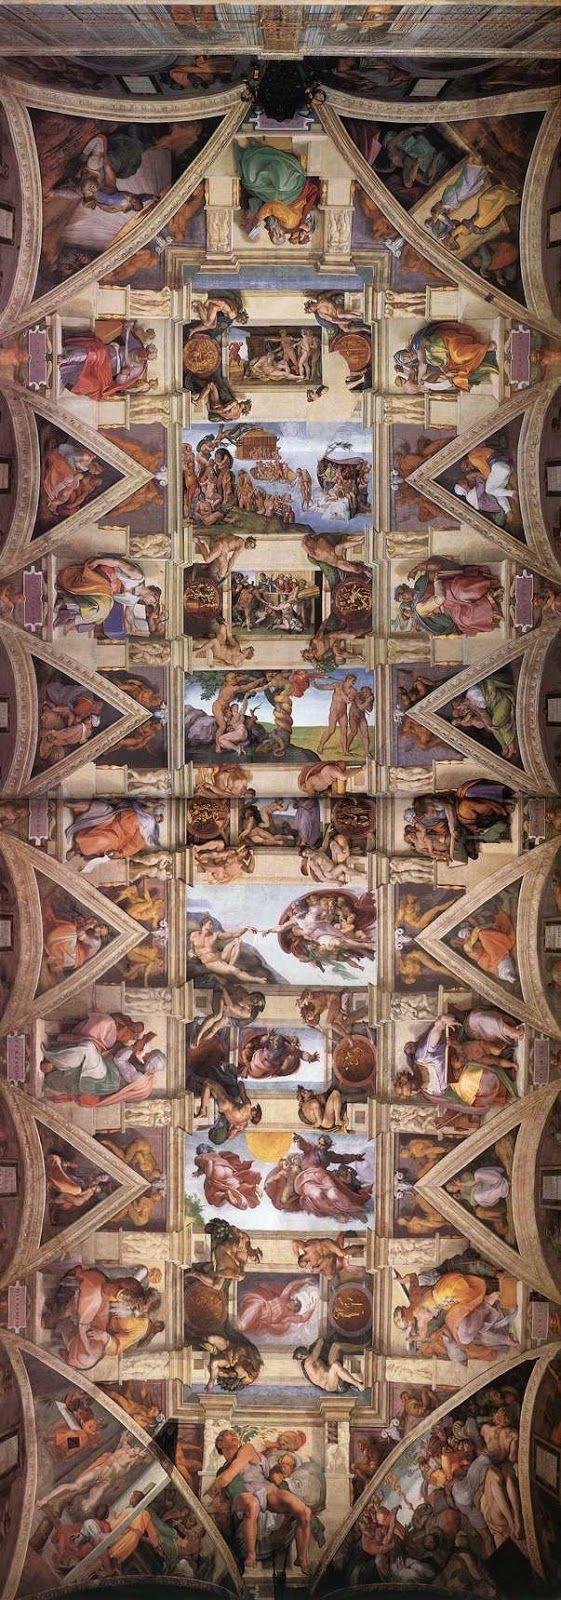 La Cappella Sistina compie 500 anni | Michelangelo Buonarroti 1475-1564 | TuttArt@ | Pittura * Scultura * Poesia * Musica |